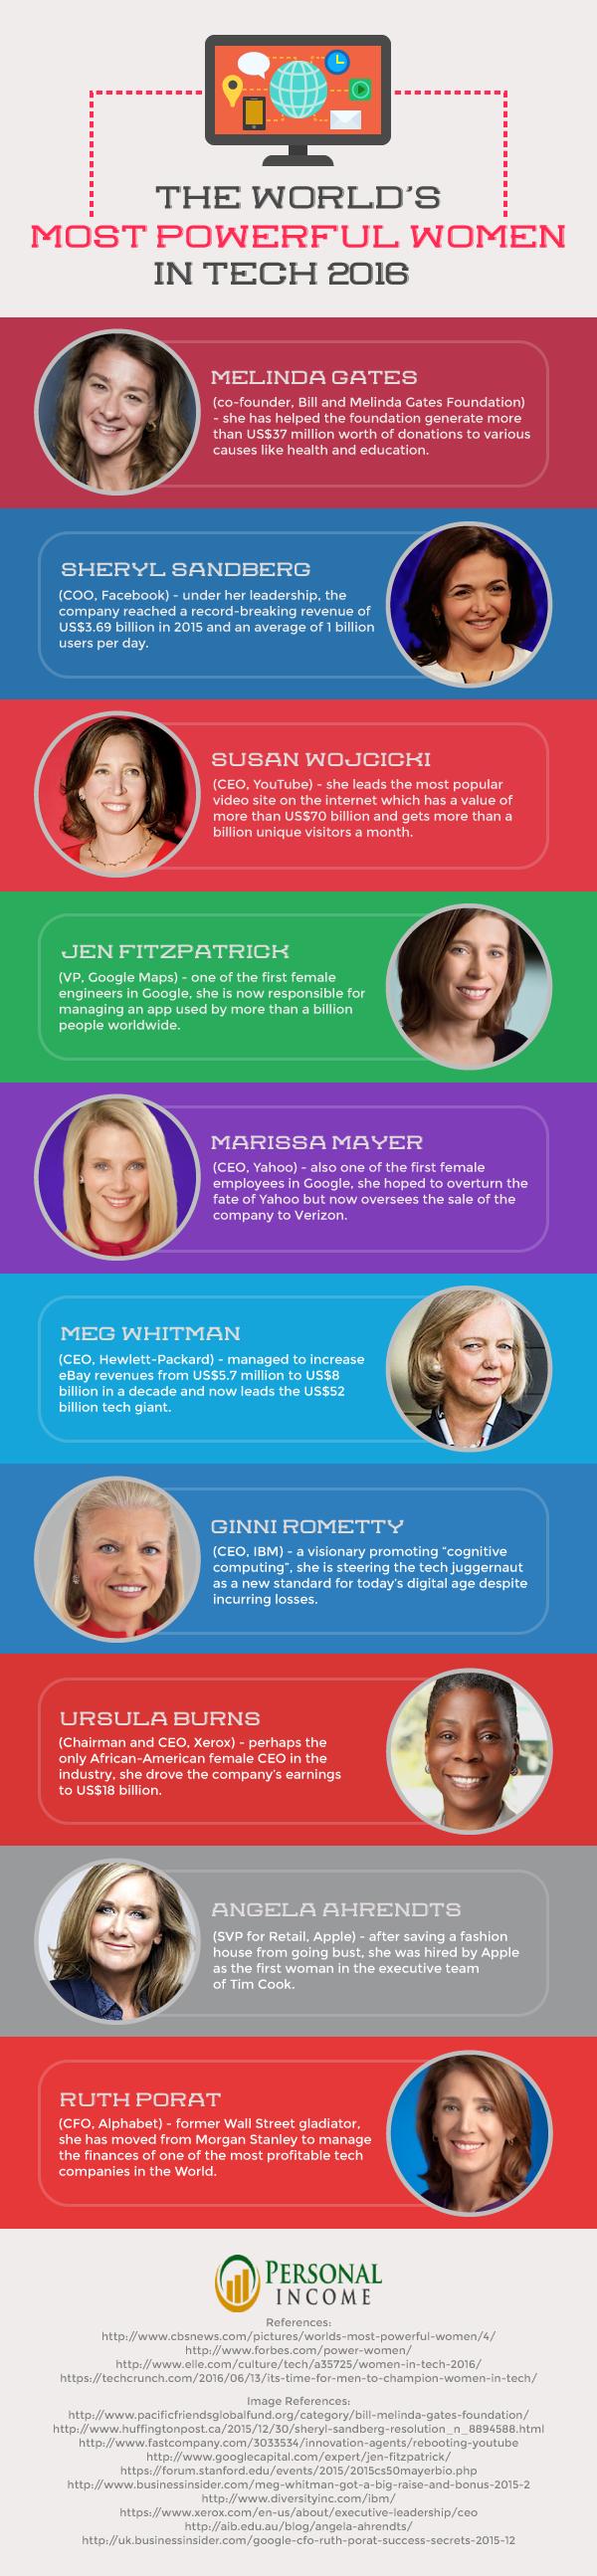 worlds-most-powerful-women-in-tech